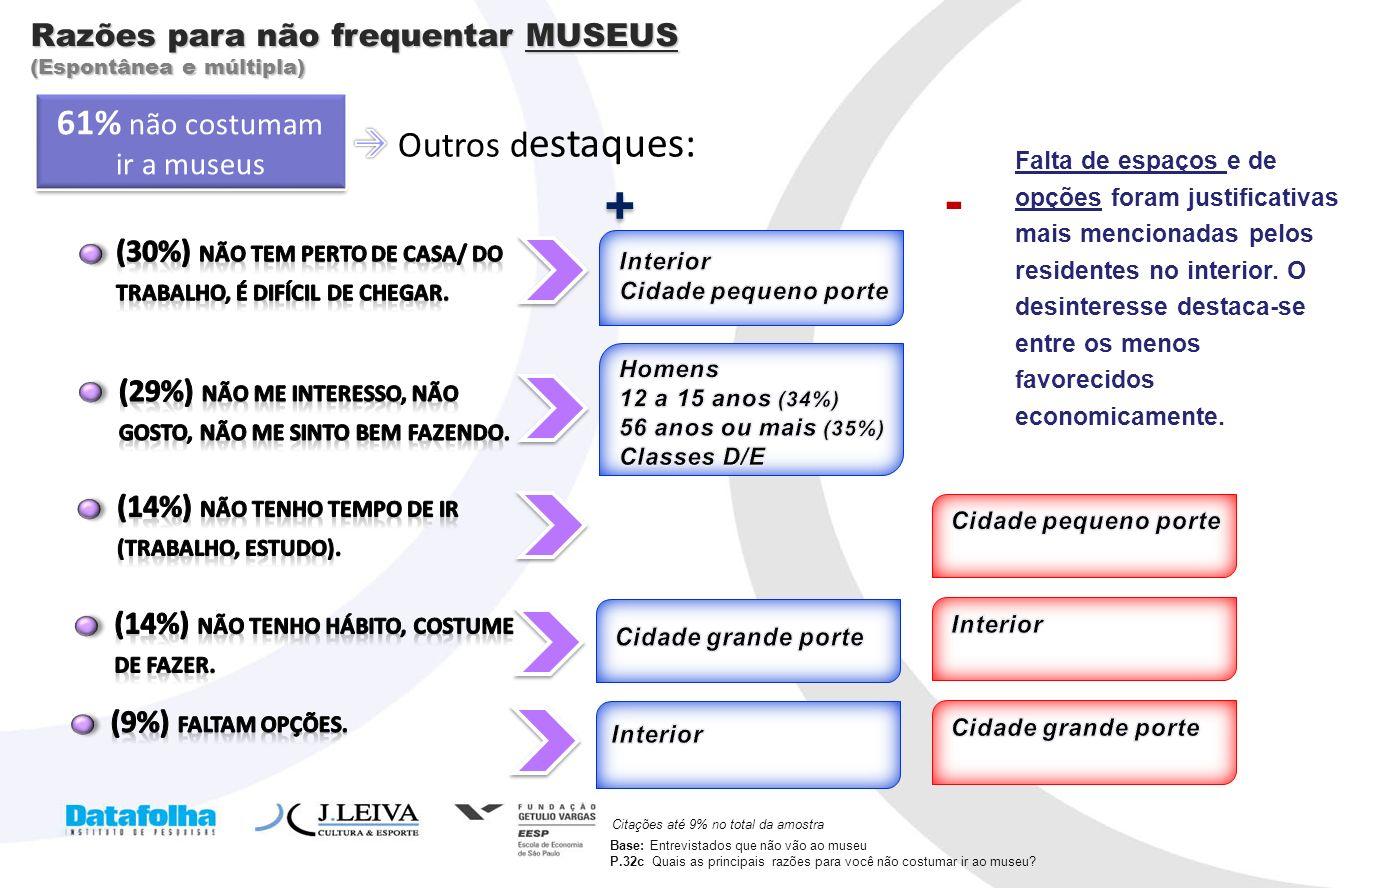 17 Razões para não frequentar MUSEUS (Espontânea e múltipla) Citações até 9% no total da amostra + + - 61% não costumam ir a museus Base: Entrevistado